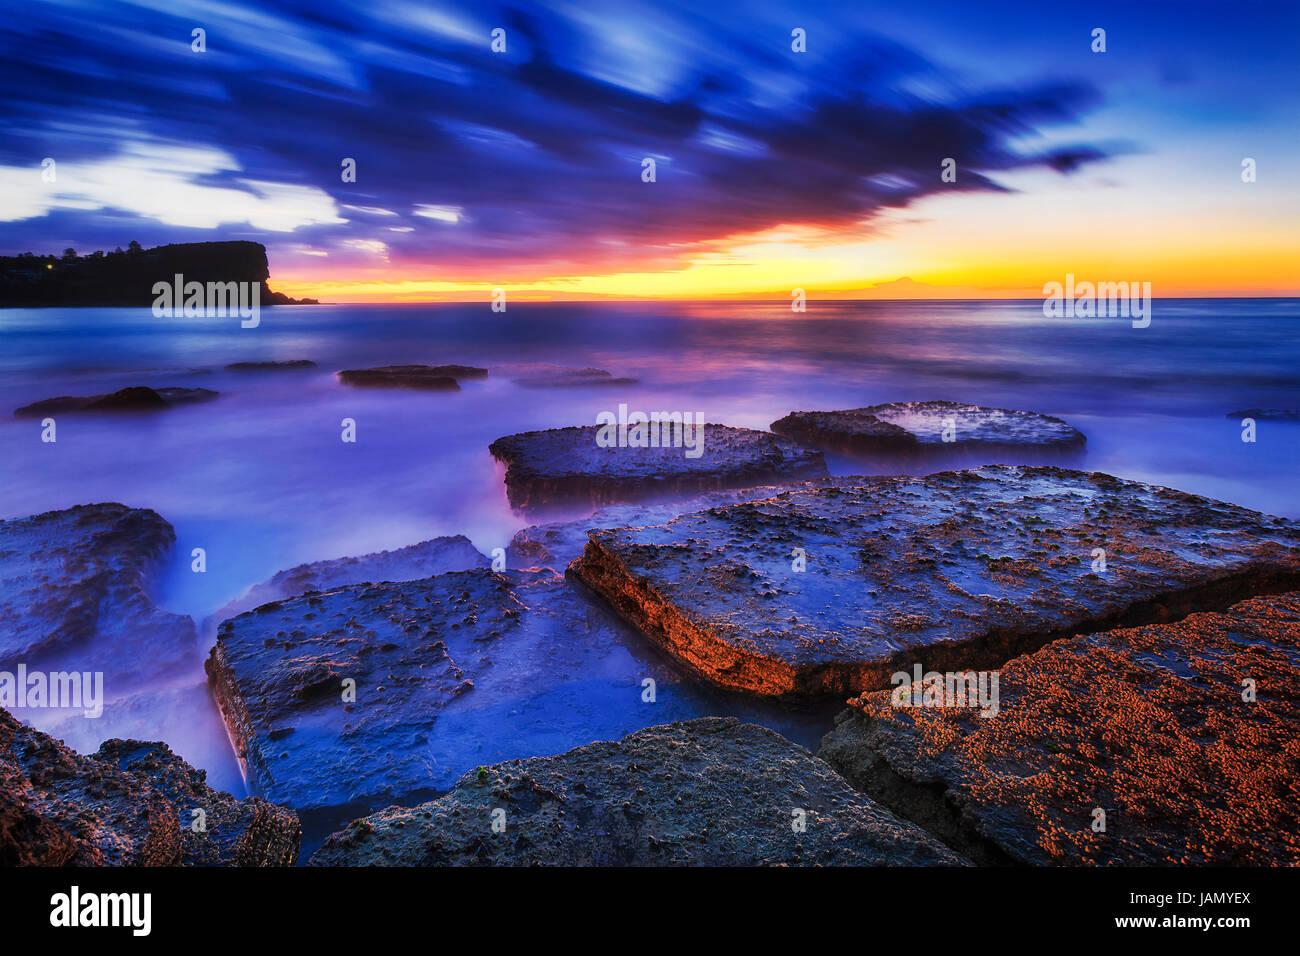 Hora azul oscuro de la salida del sol sobre el horizonte del mar en la playa de Avalon rocas con alga de playas Imagen De Stock